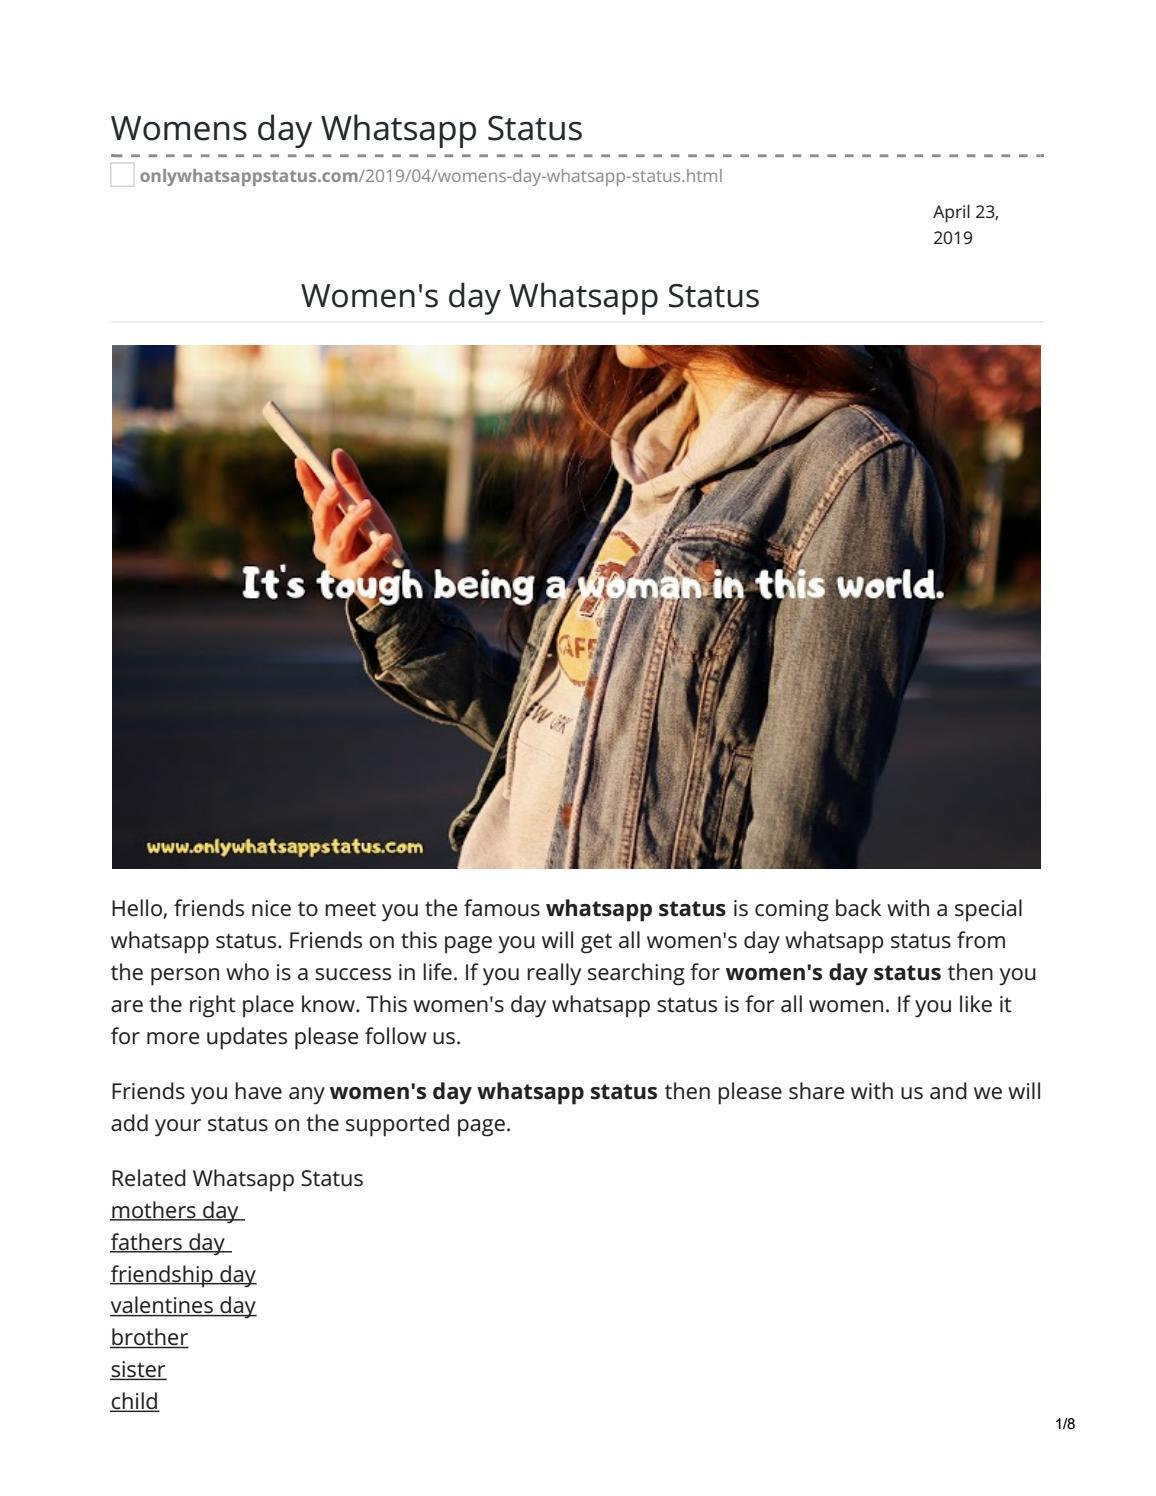 womens day whatsapp status by whatsappstatus - issuu